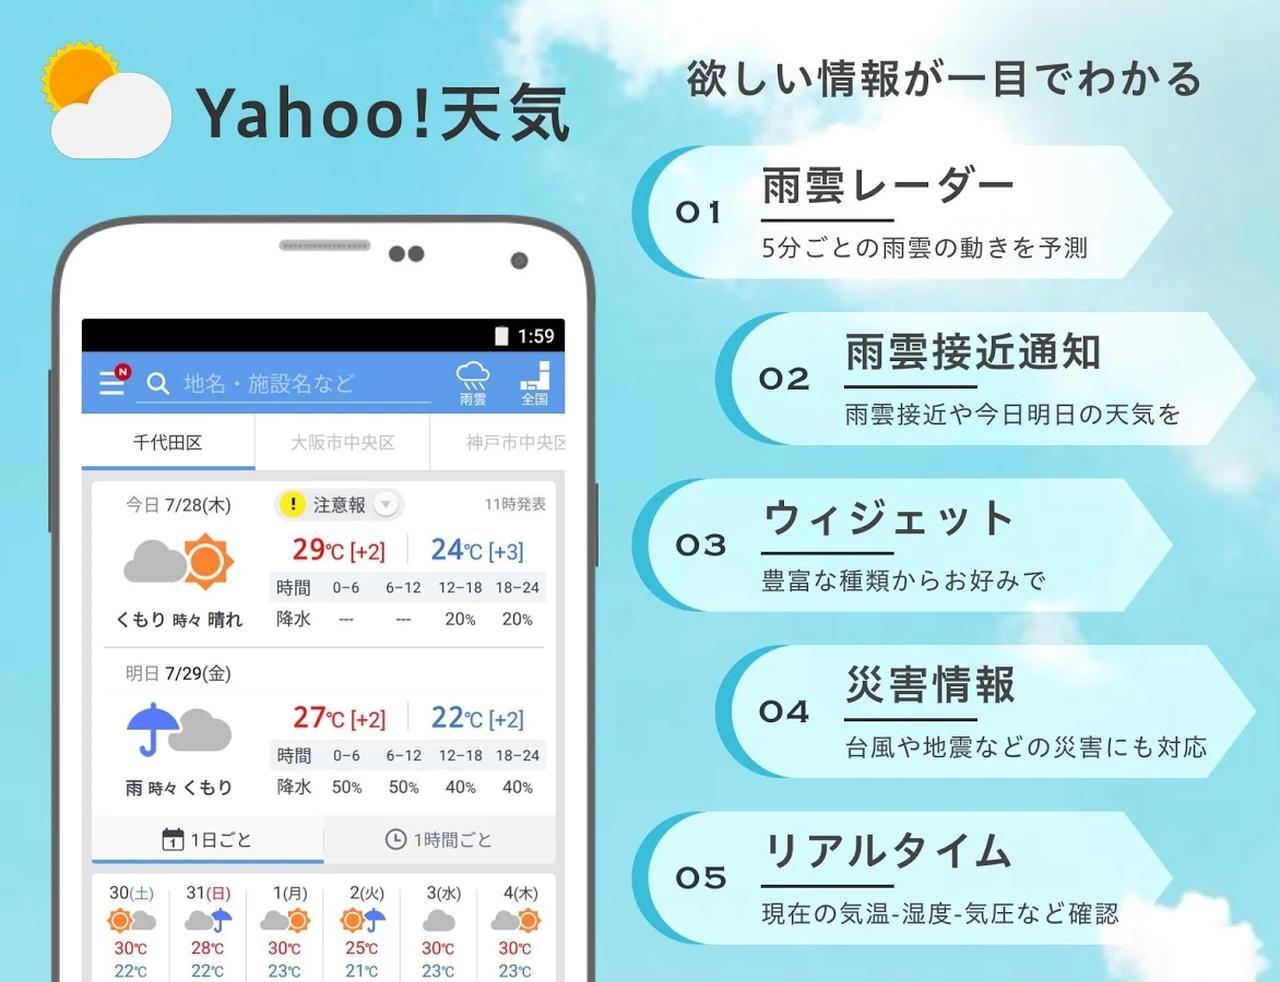 画像: Yahoo!天気 - 雨雲の接近や台風の進路がわかる気象予報レーダー搭載アプリ - Google Play の Android アプリ